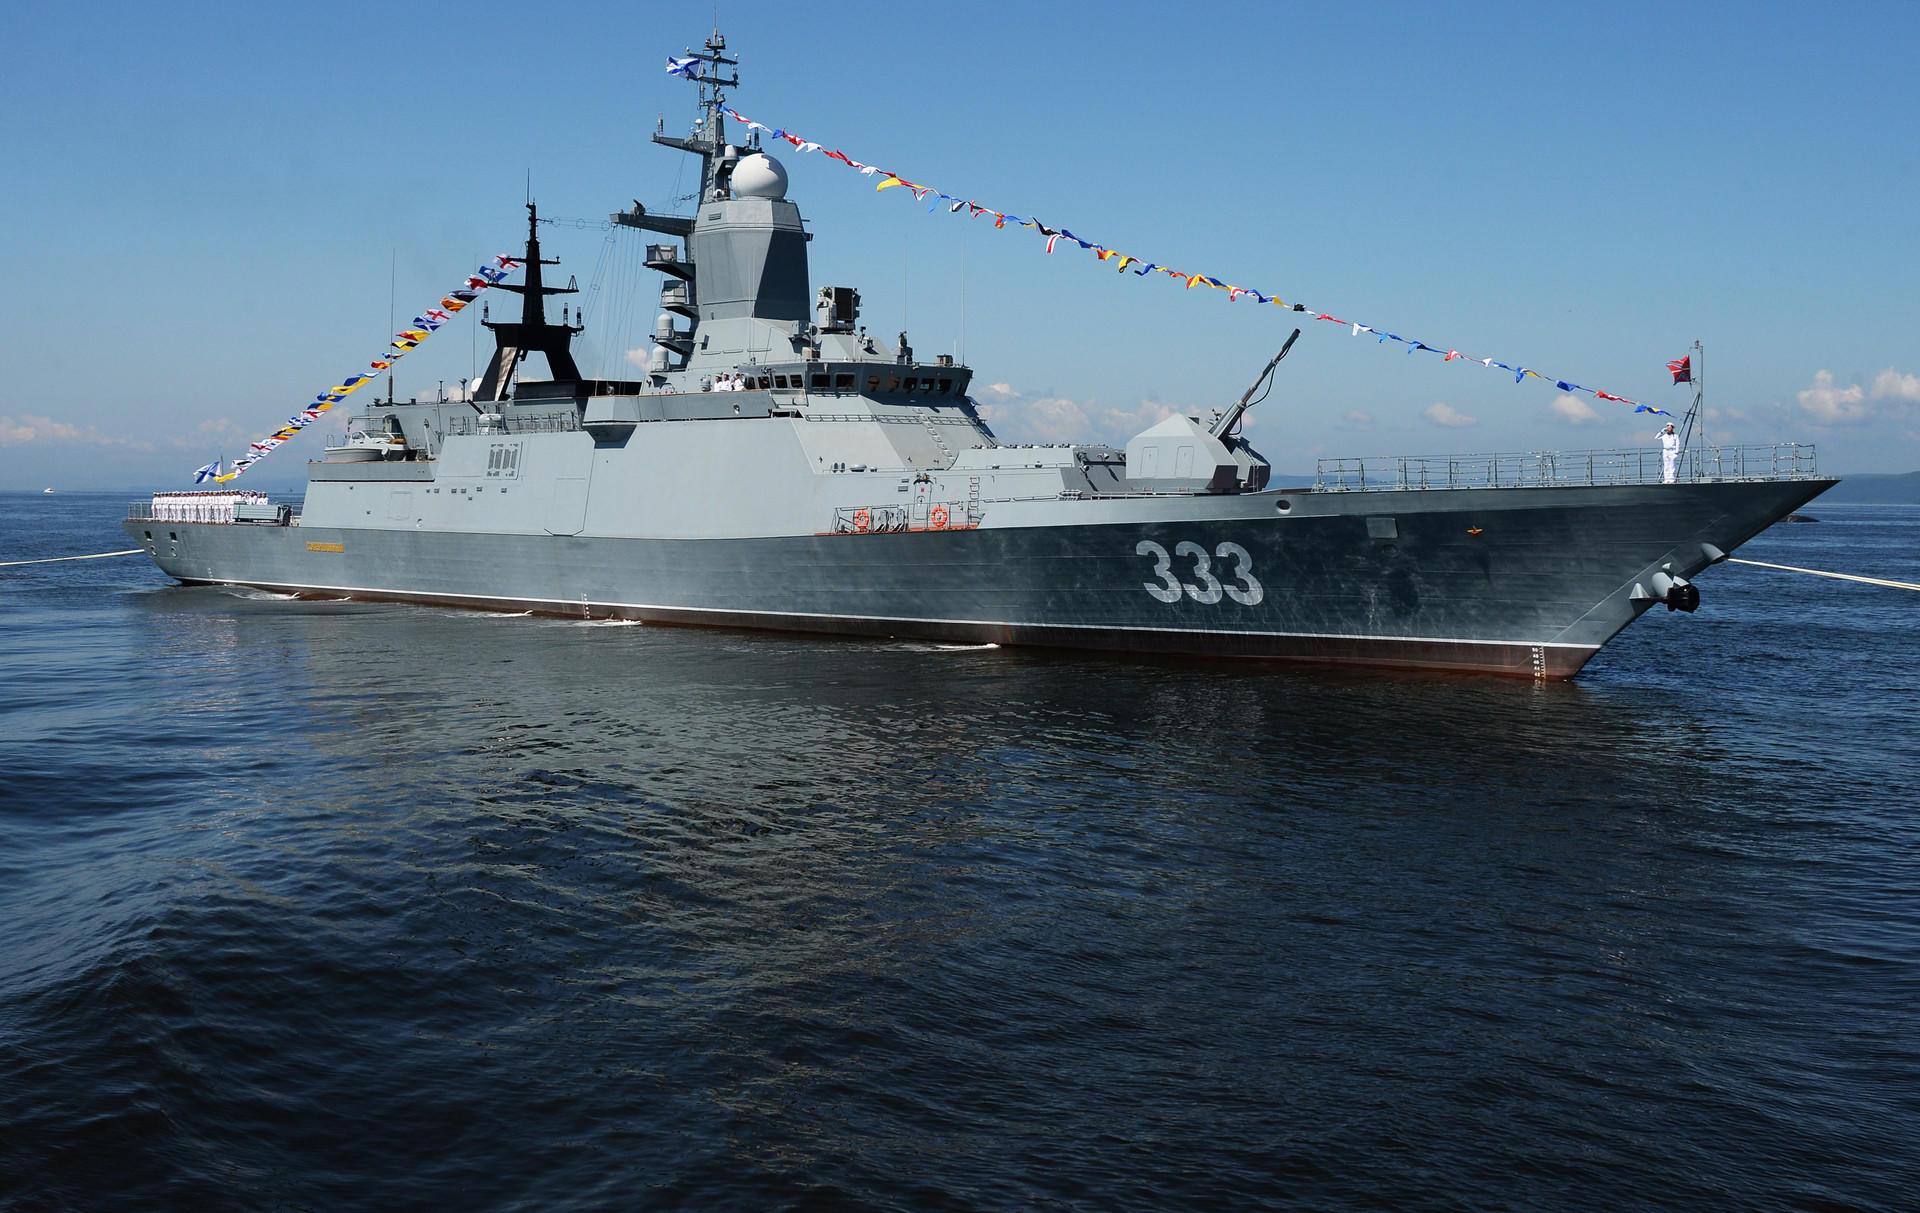 фотографии современных кораблей вмф россии сабантуй праздник труда